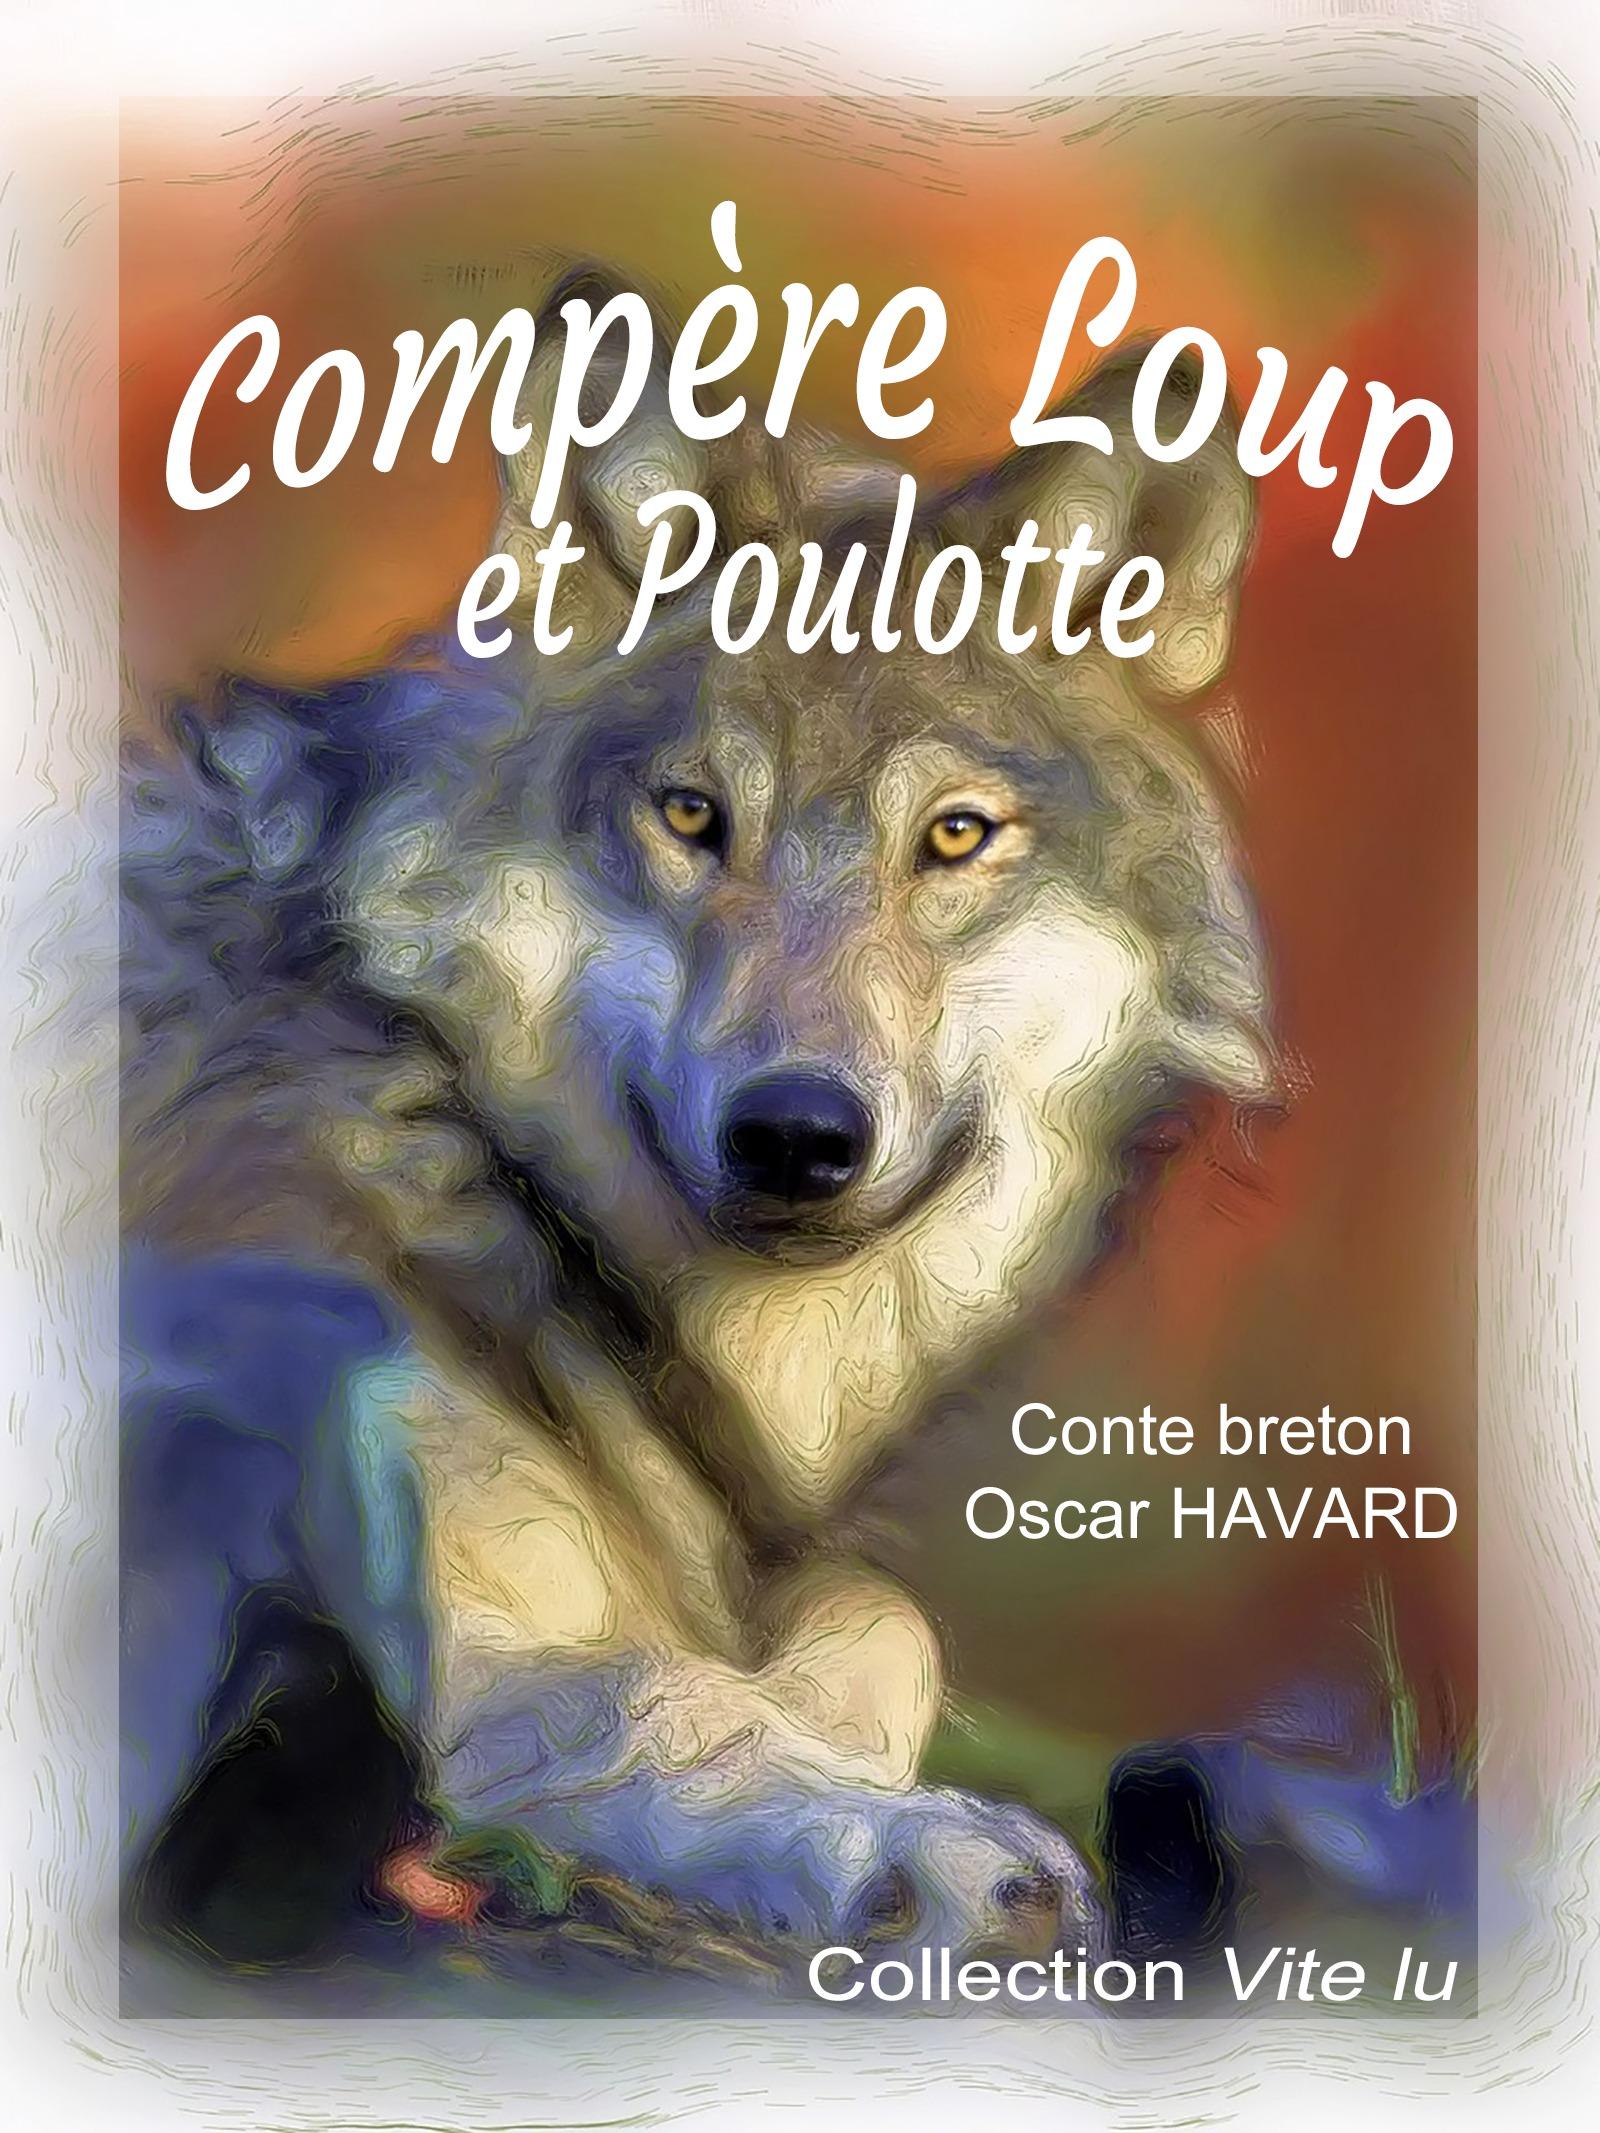 Compère Loup et Poulotte, CONTE BRETON